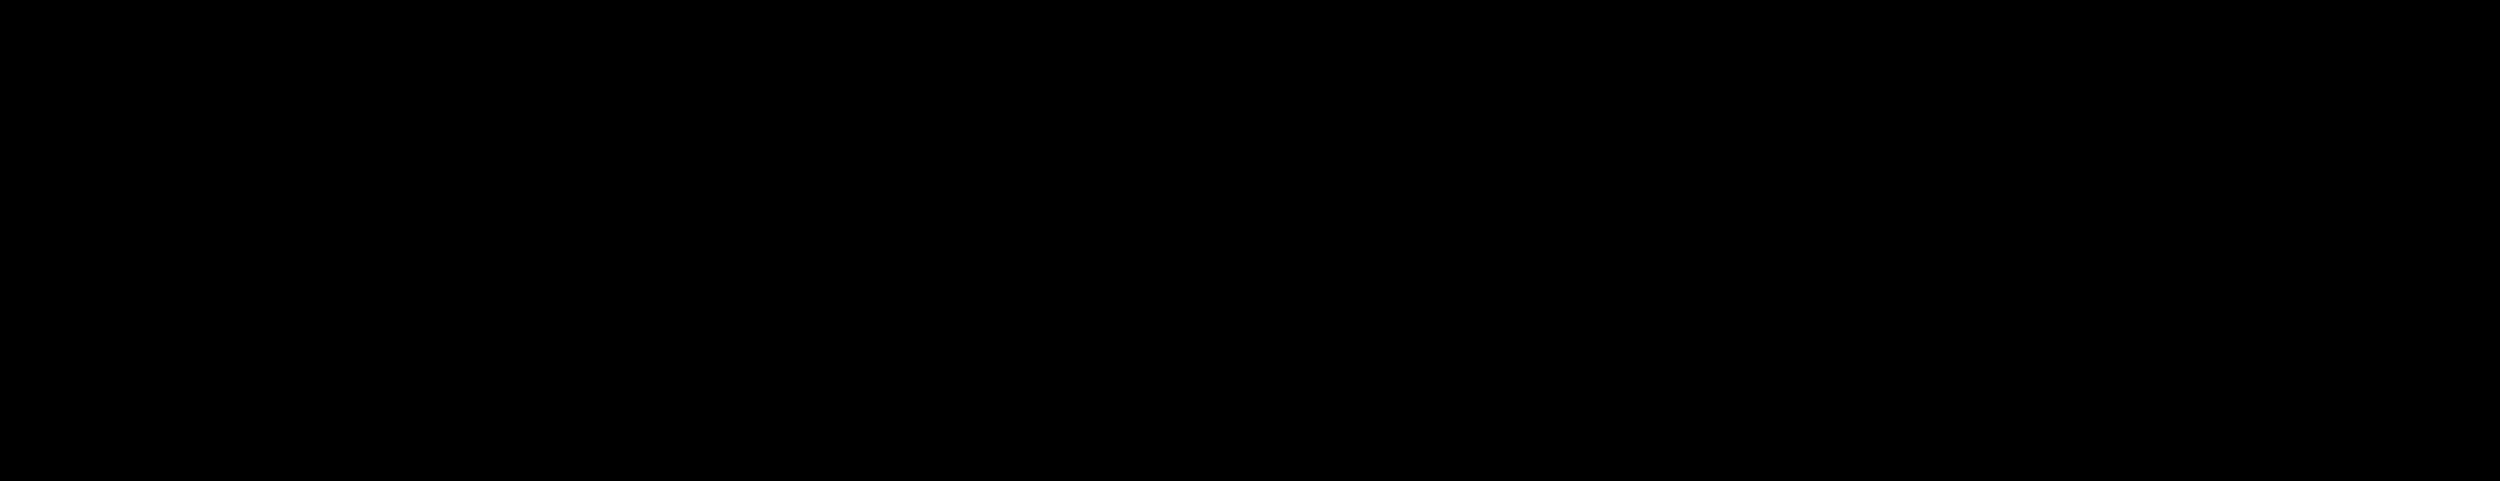 jadoresmall-25.png